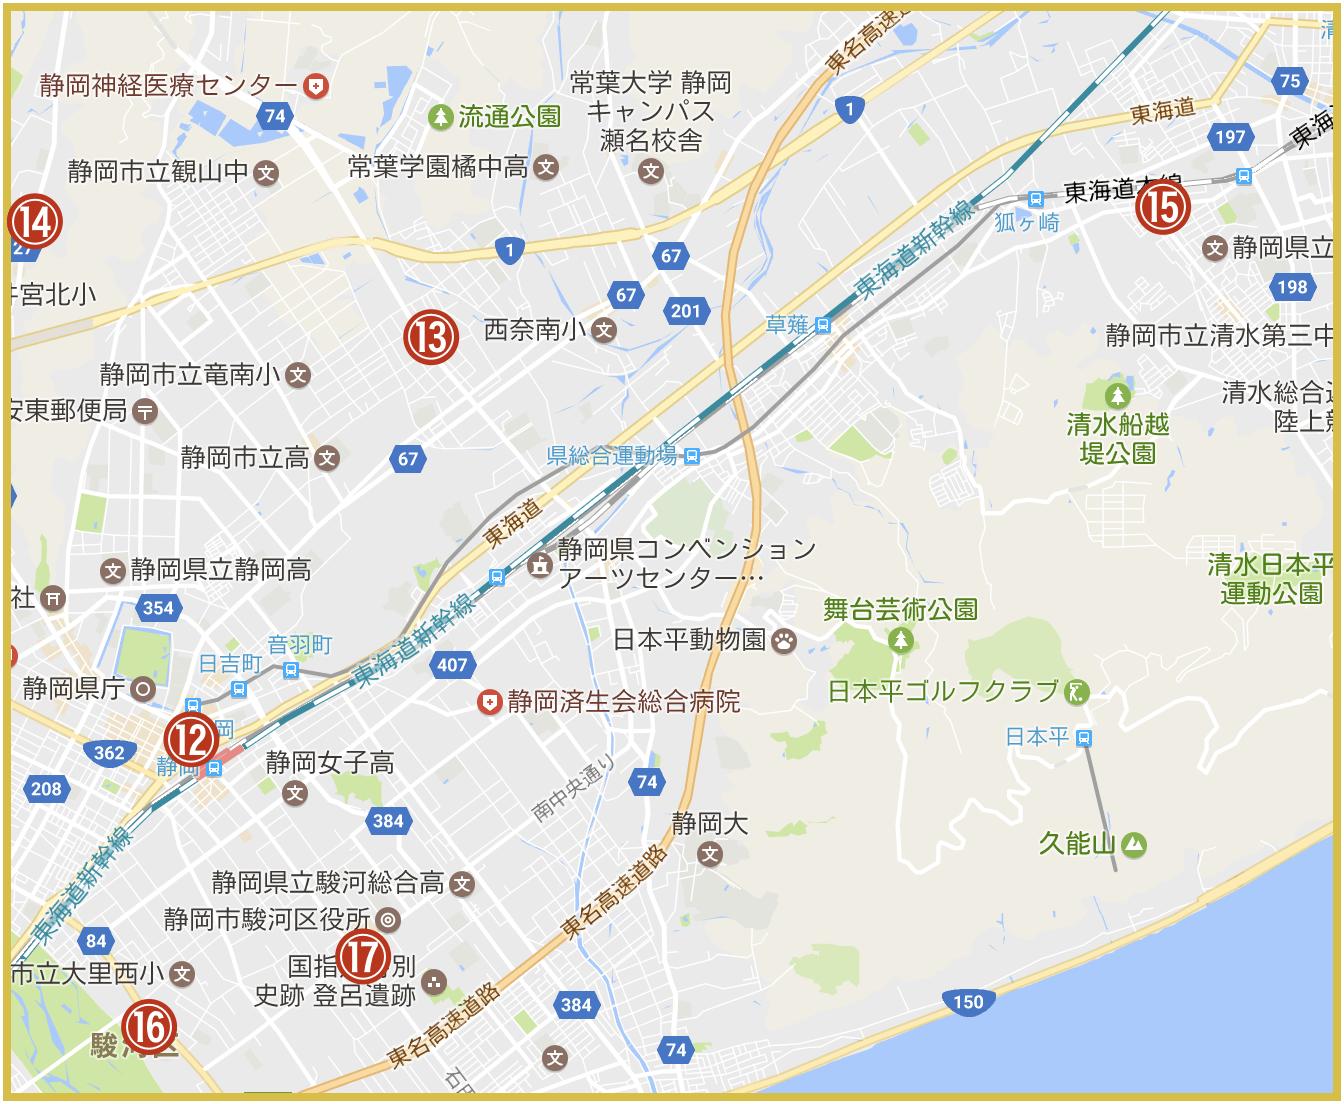 静岡県静岡市にあるアイフル店舗・ATMの位置